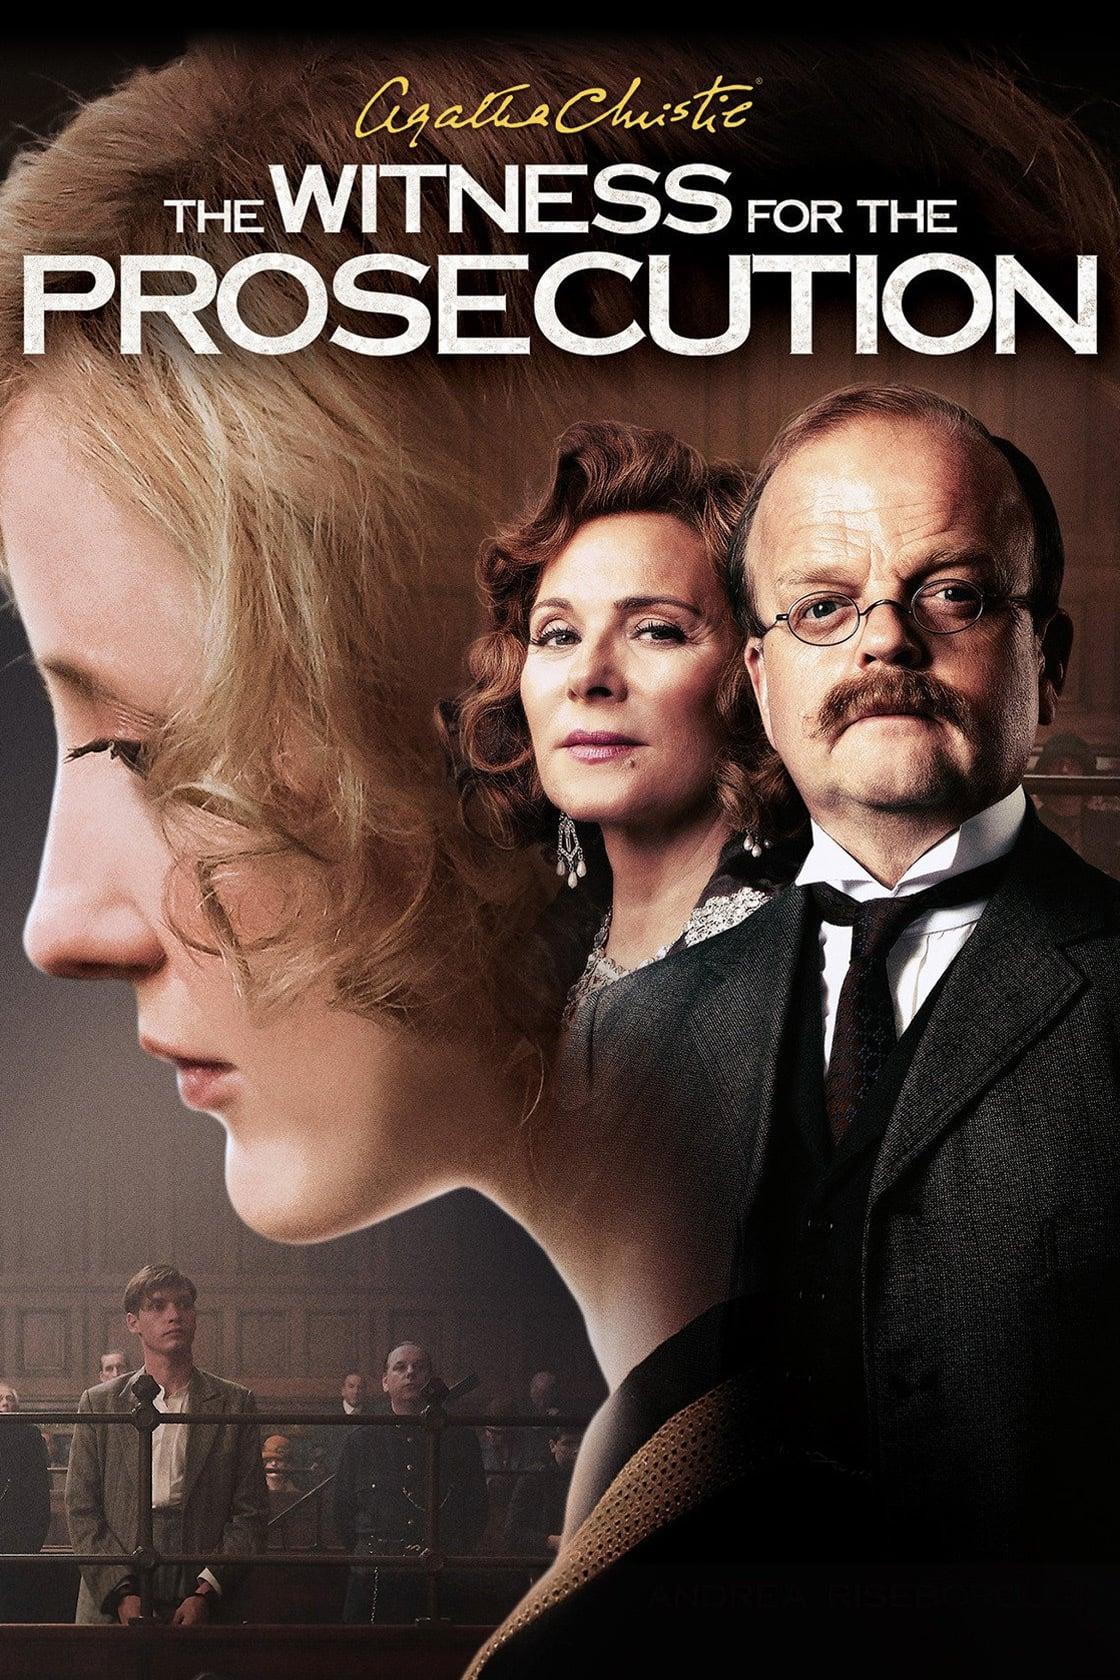 ბრალდების მოწმე / The Witness for the Prosecution